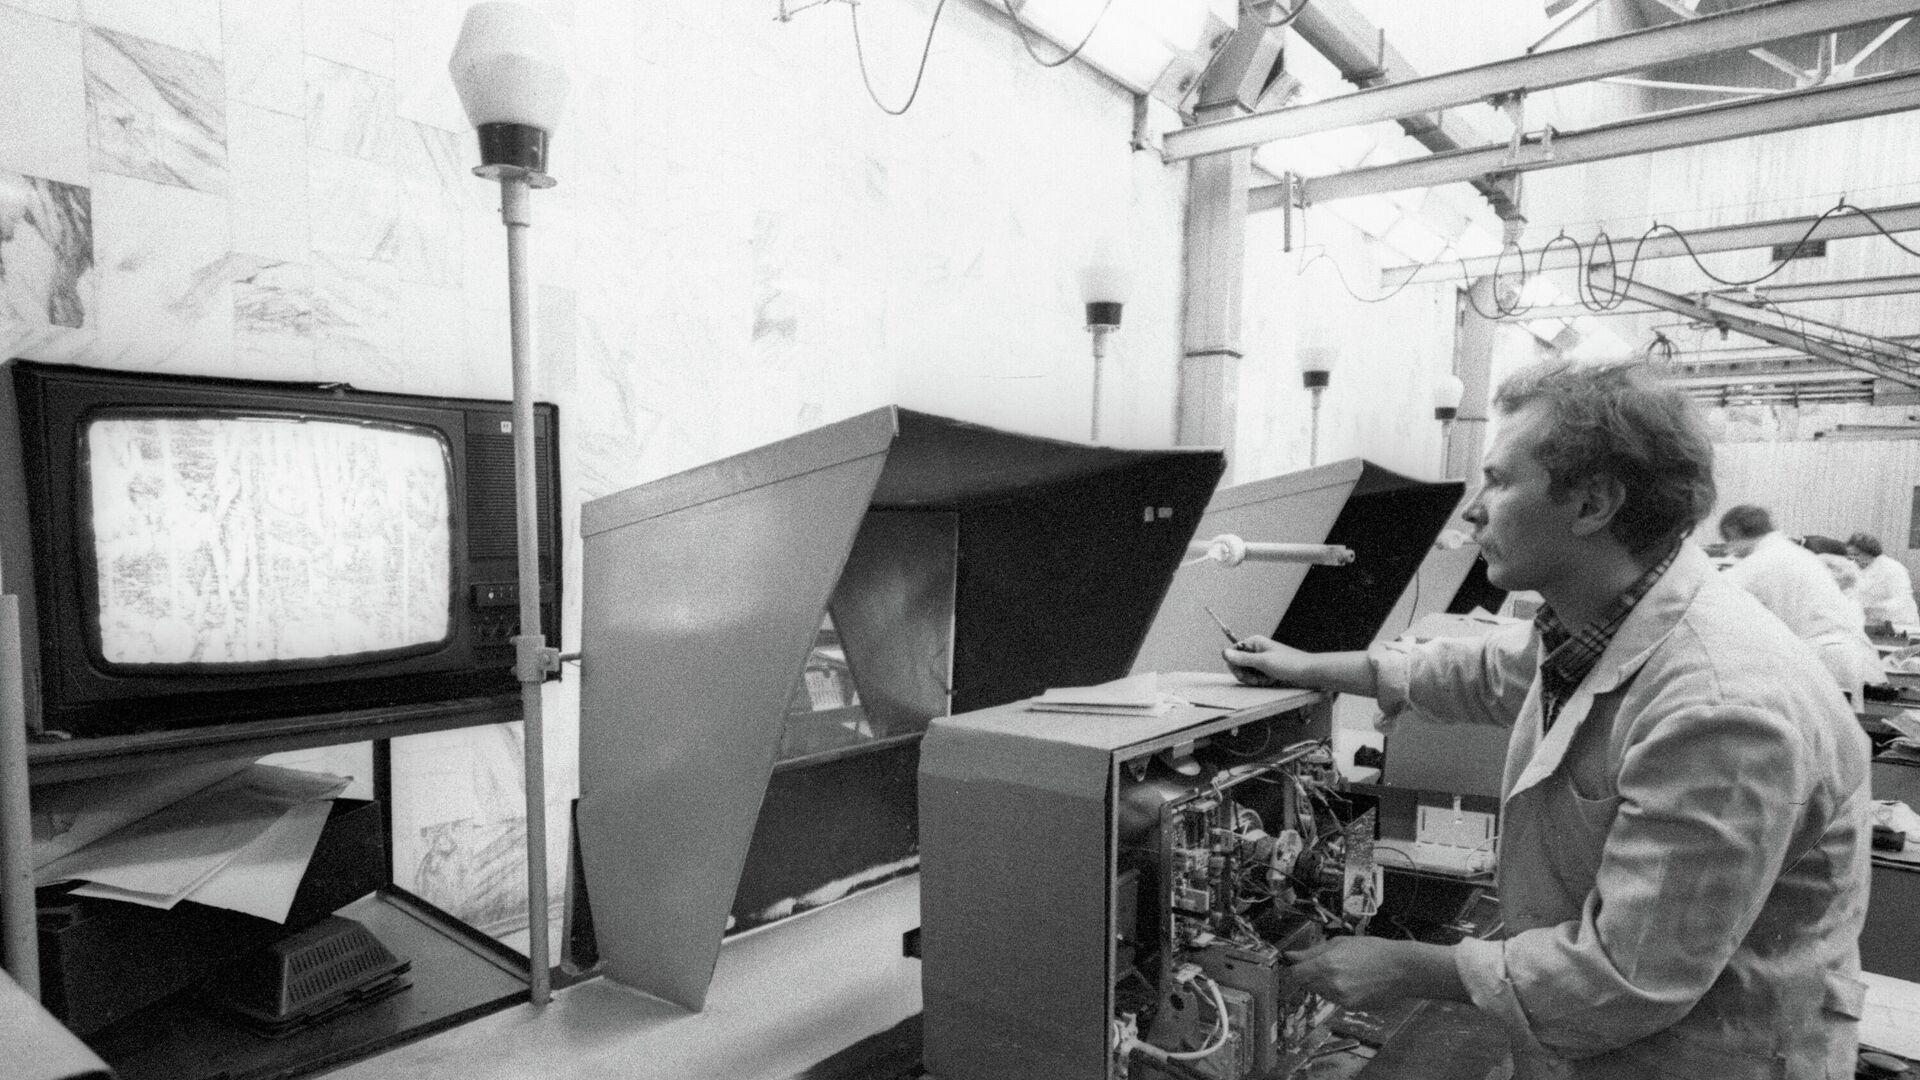 Сотрудник Московского производственного объединения Рубин регулирует телевизор Рубин-Тесла-Ц392Д - РИА Новости, 1920, 12.05.2020